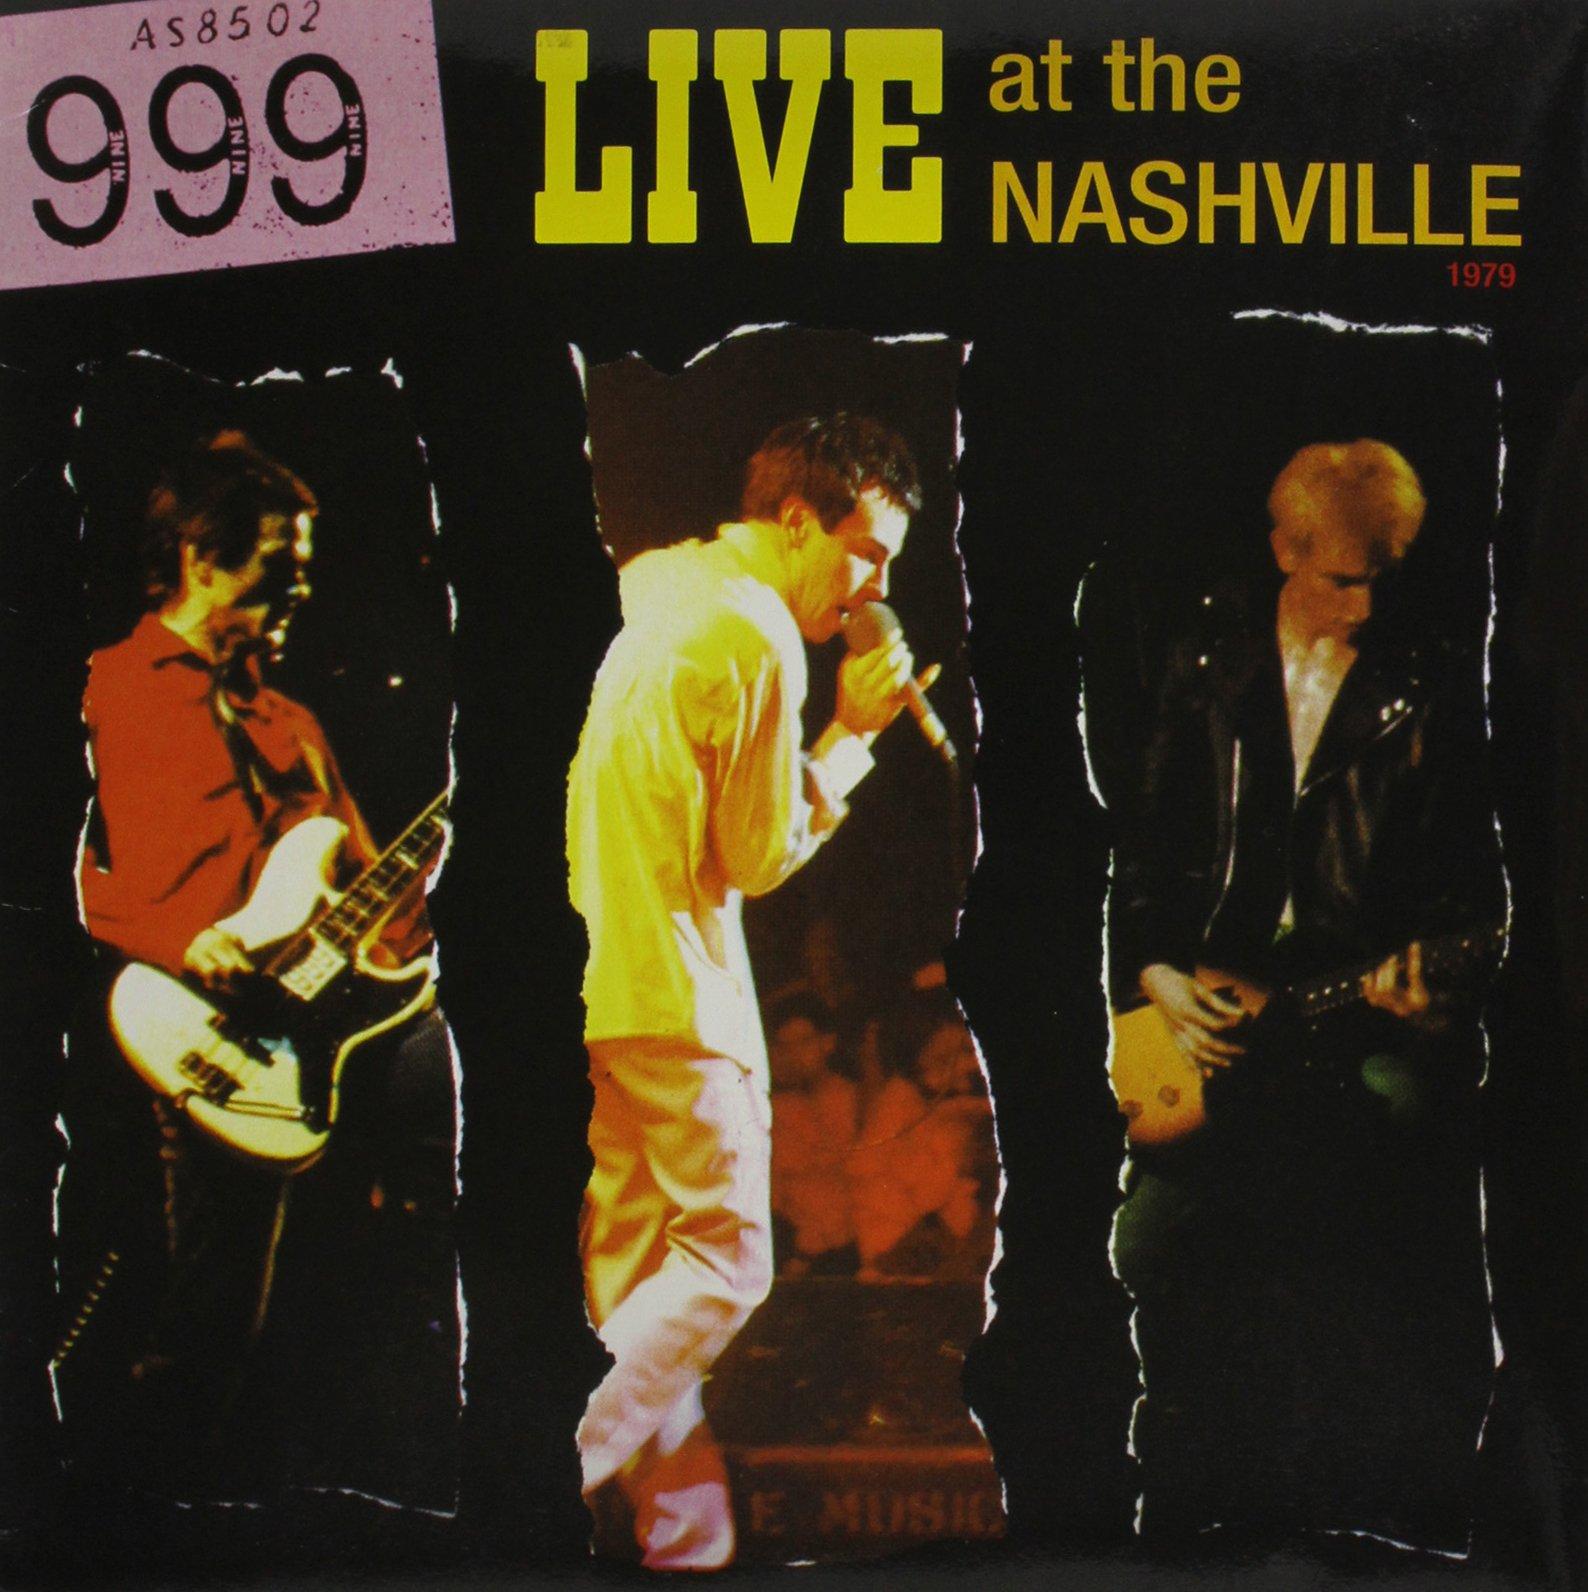 Live at the Nashville 1979 [Vinyl] by Get Back